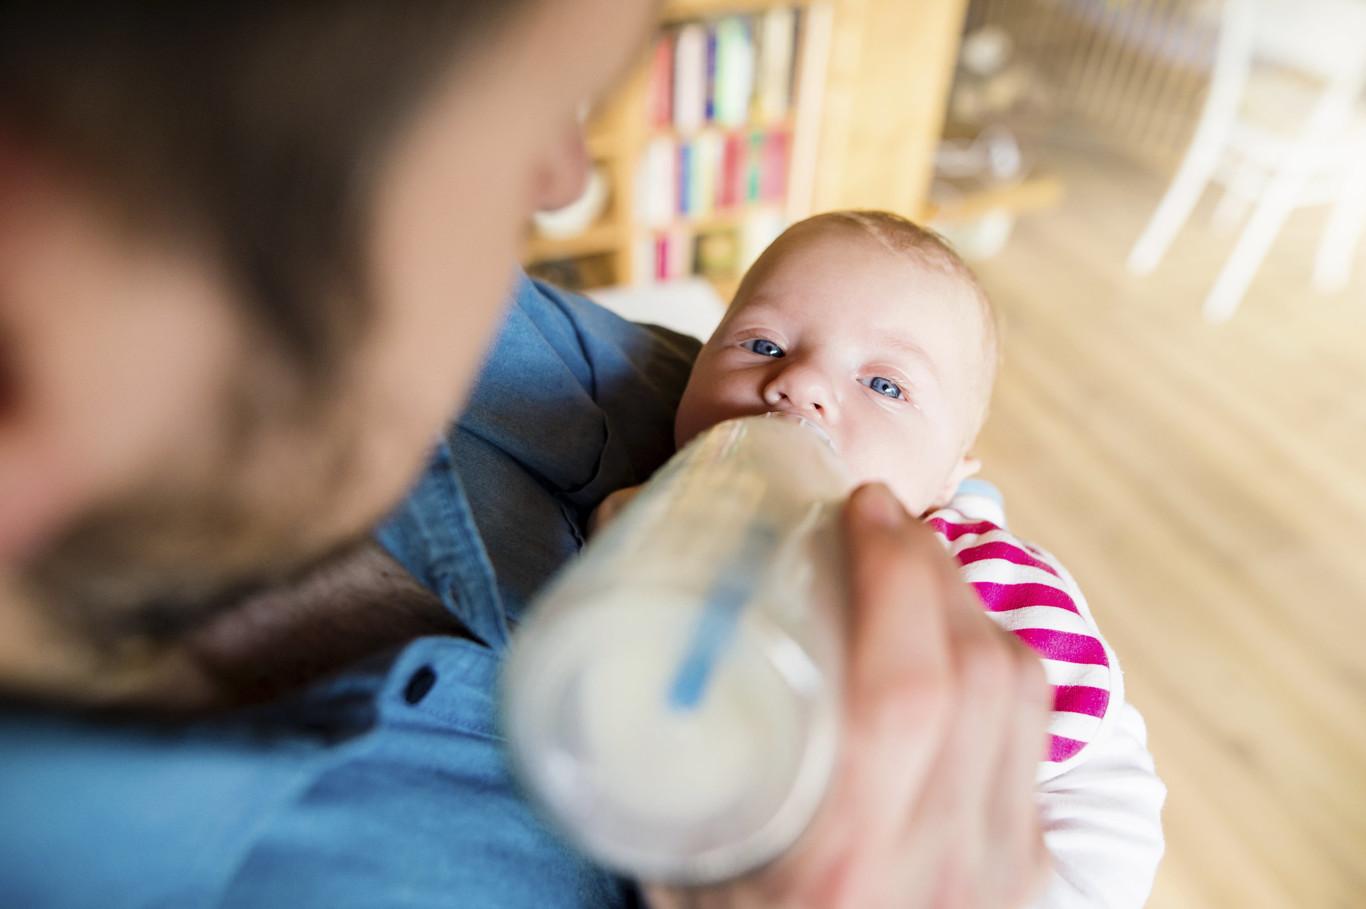 Bebé tomando leche